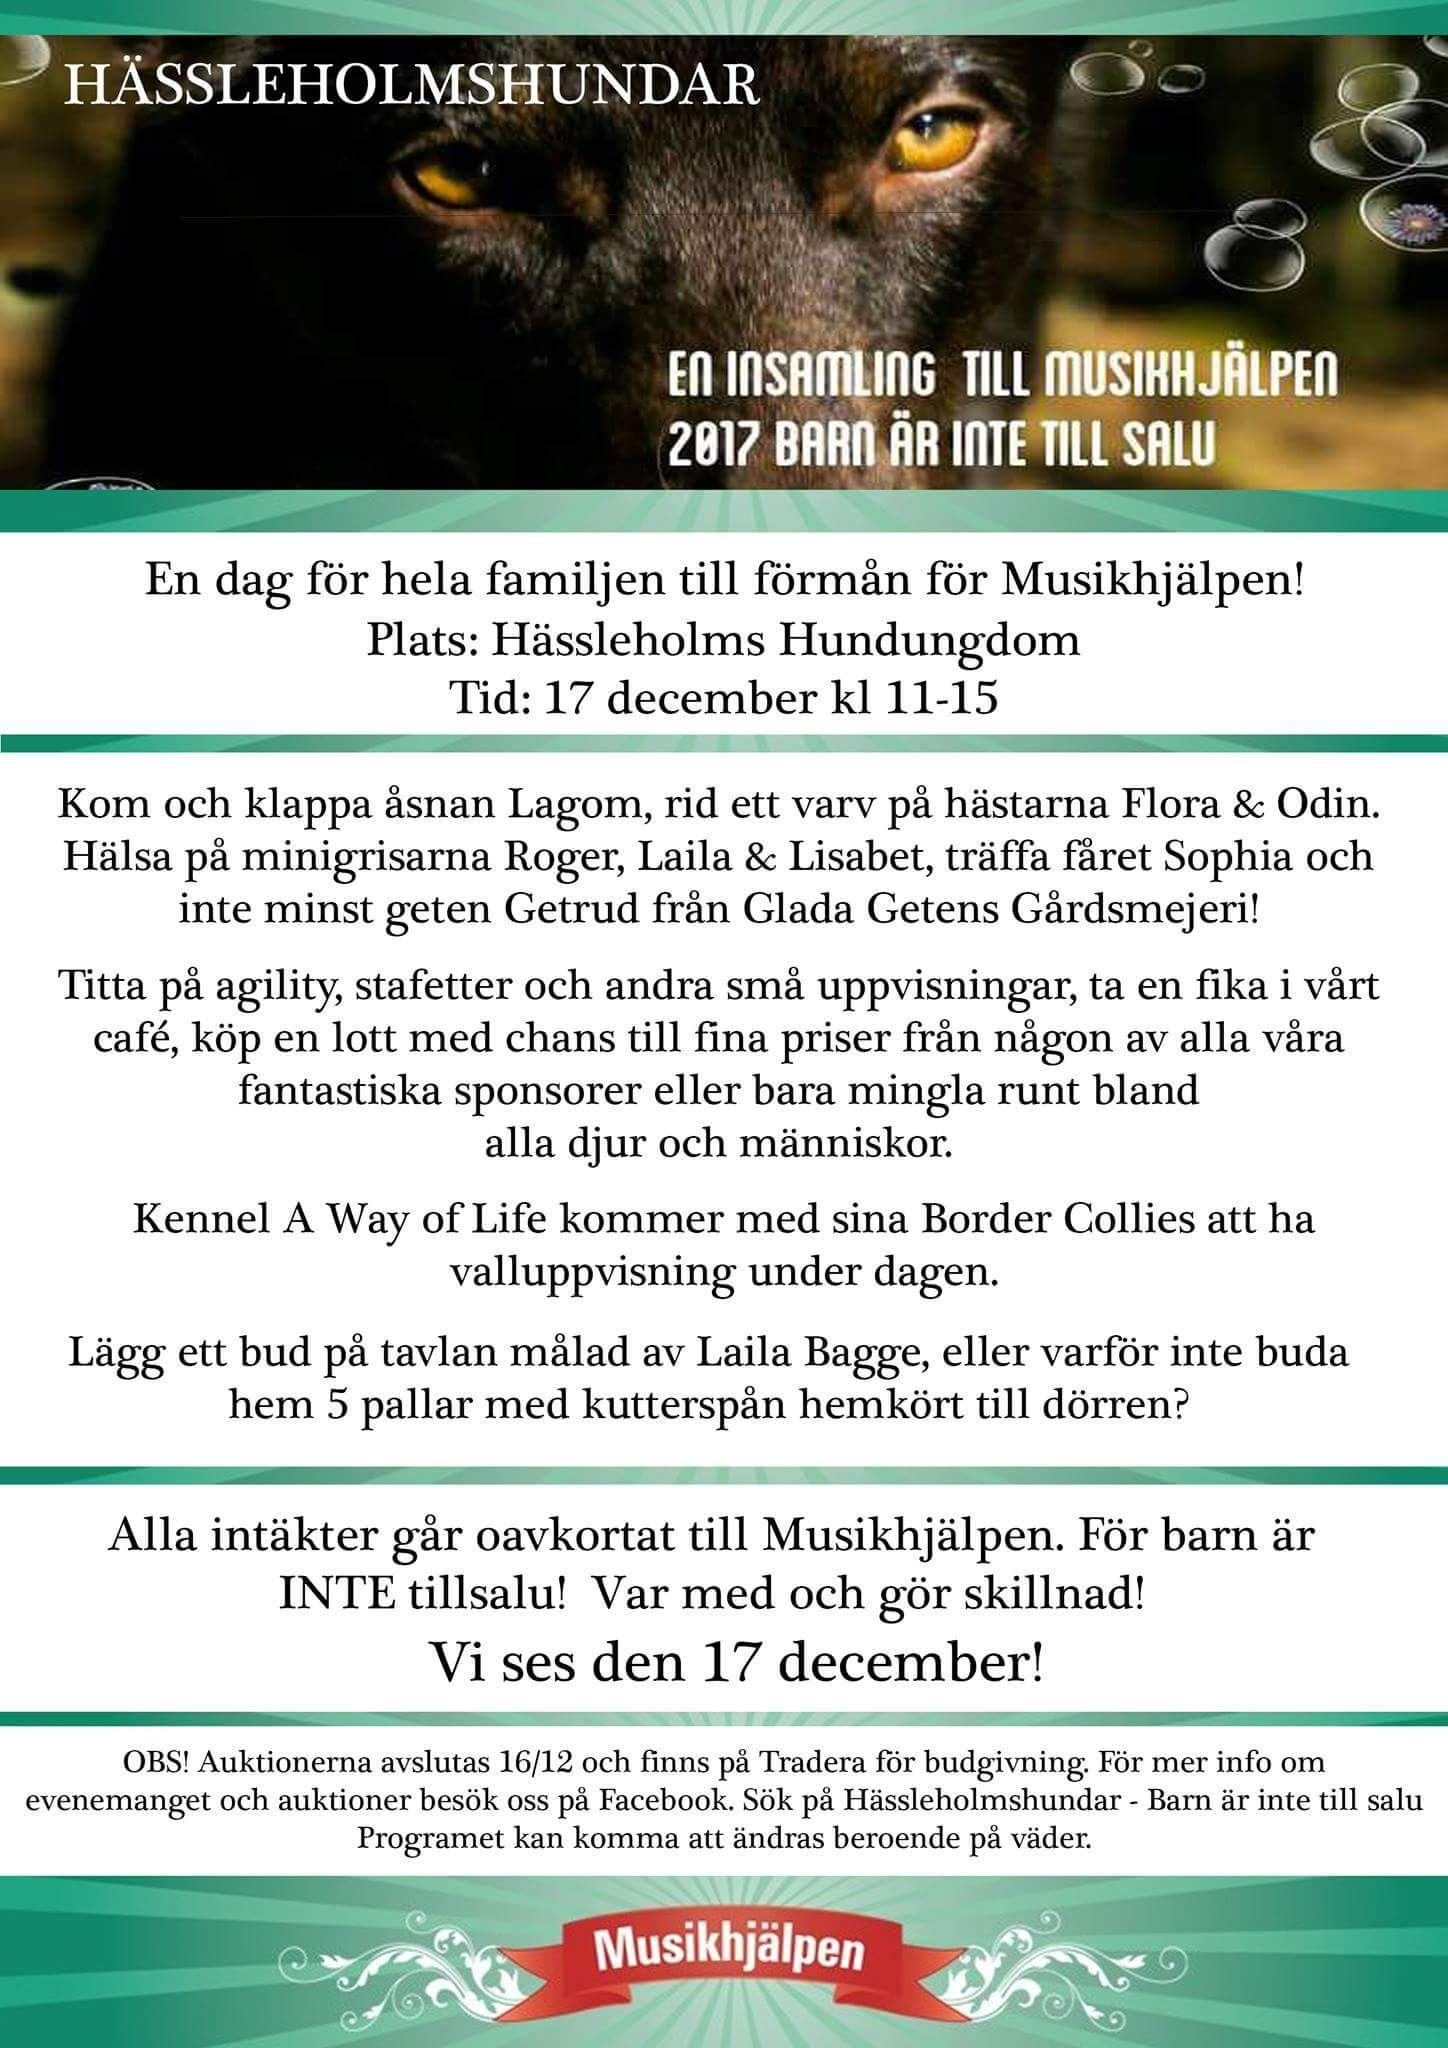 Hässleholmshundar - insamling till förmån för Musikhjälpen